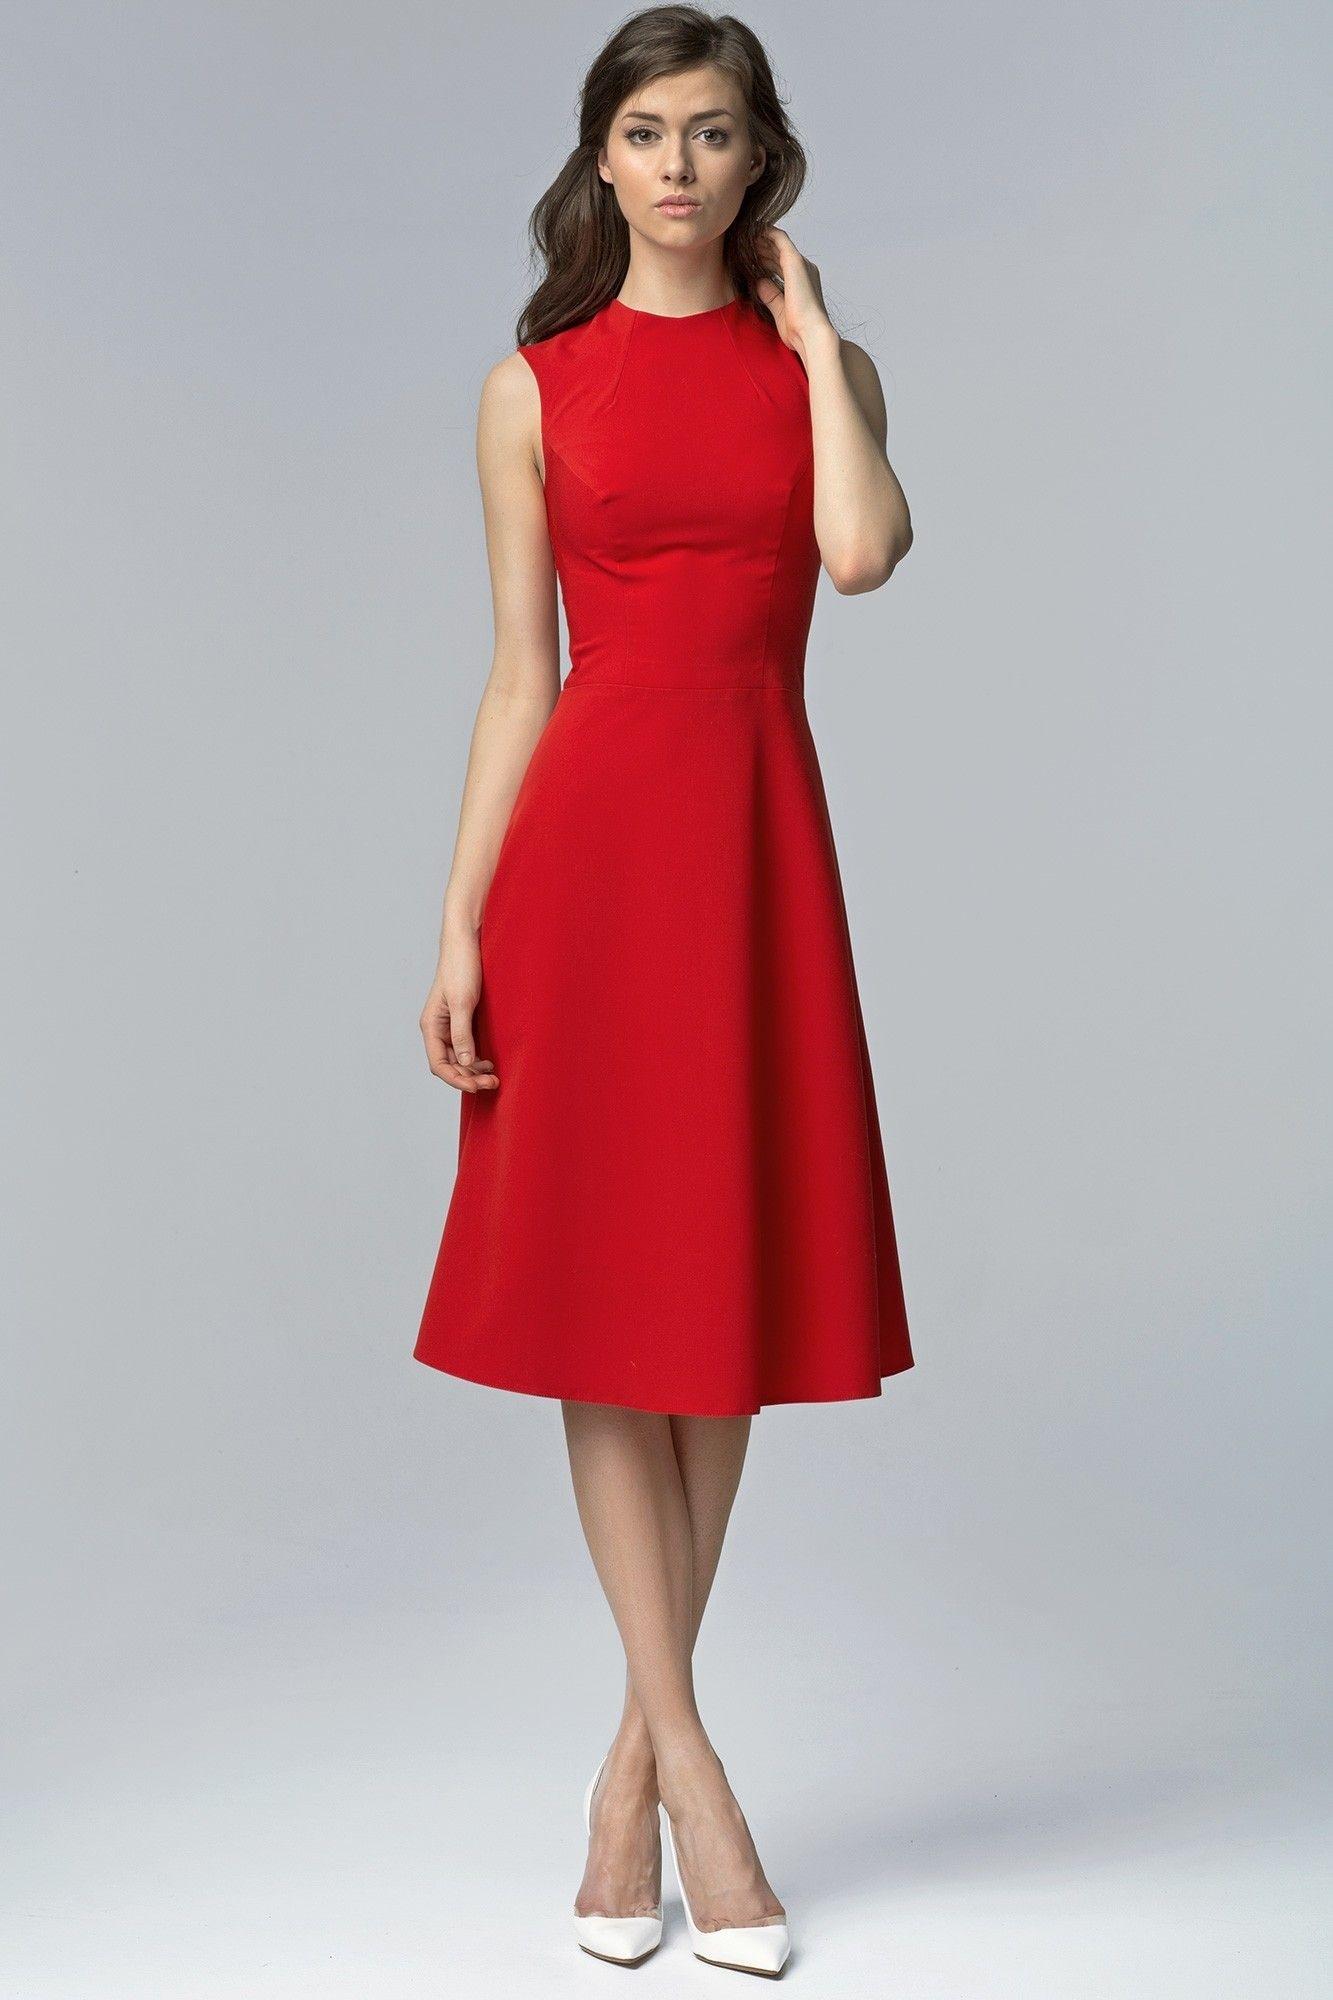 Perfekt Kleid Rot Midi Vertrieb17 Genial Kleid Rot Midi Vertrieb